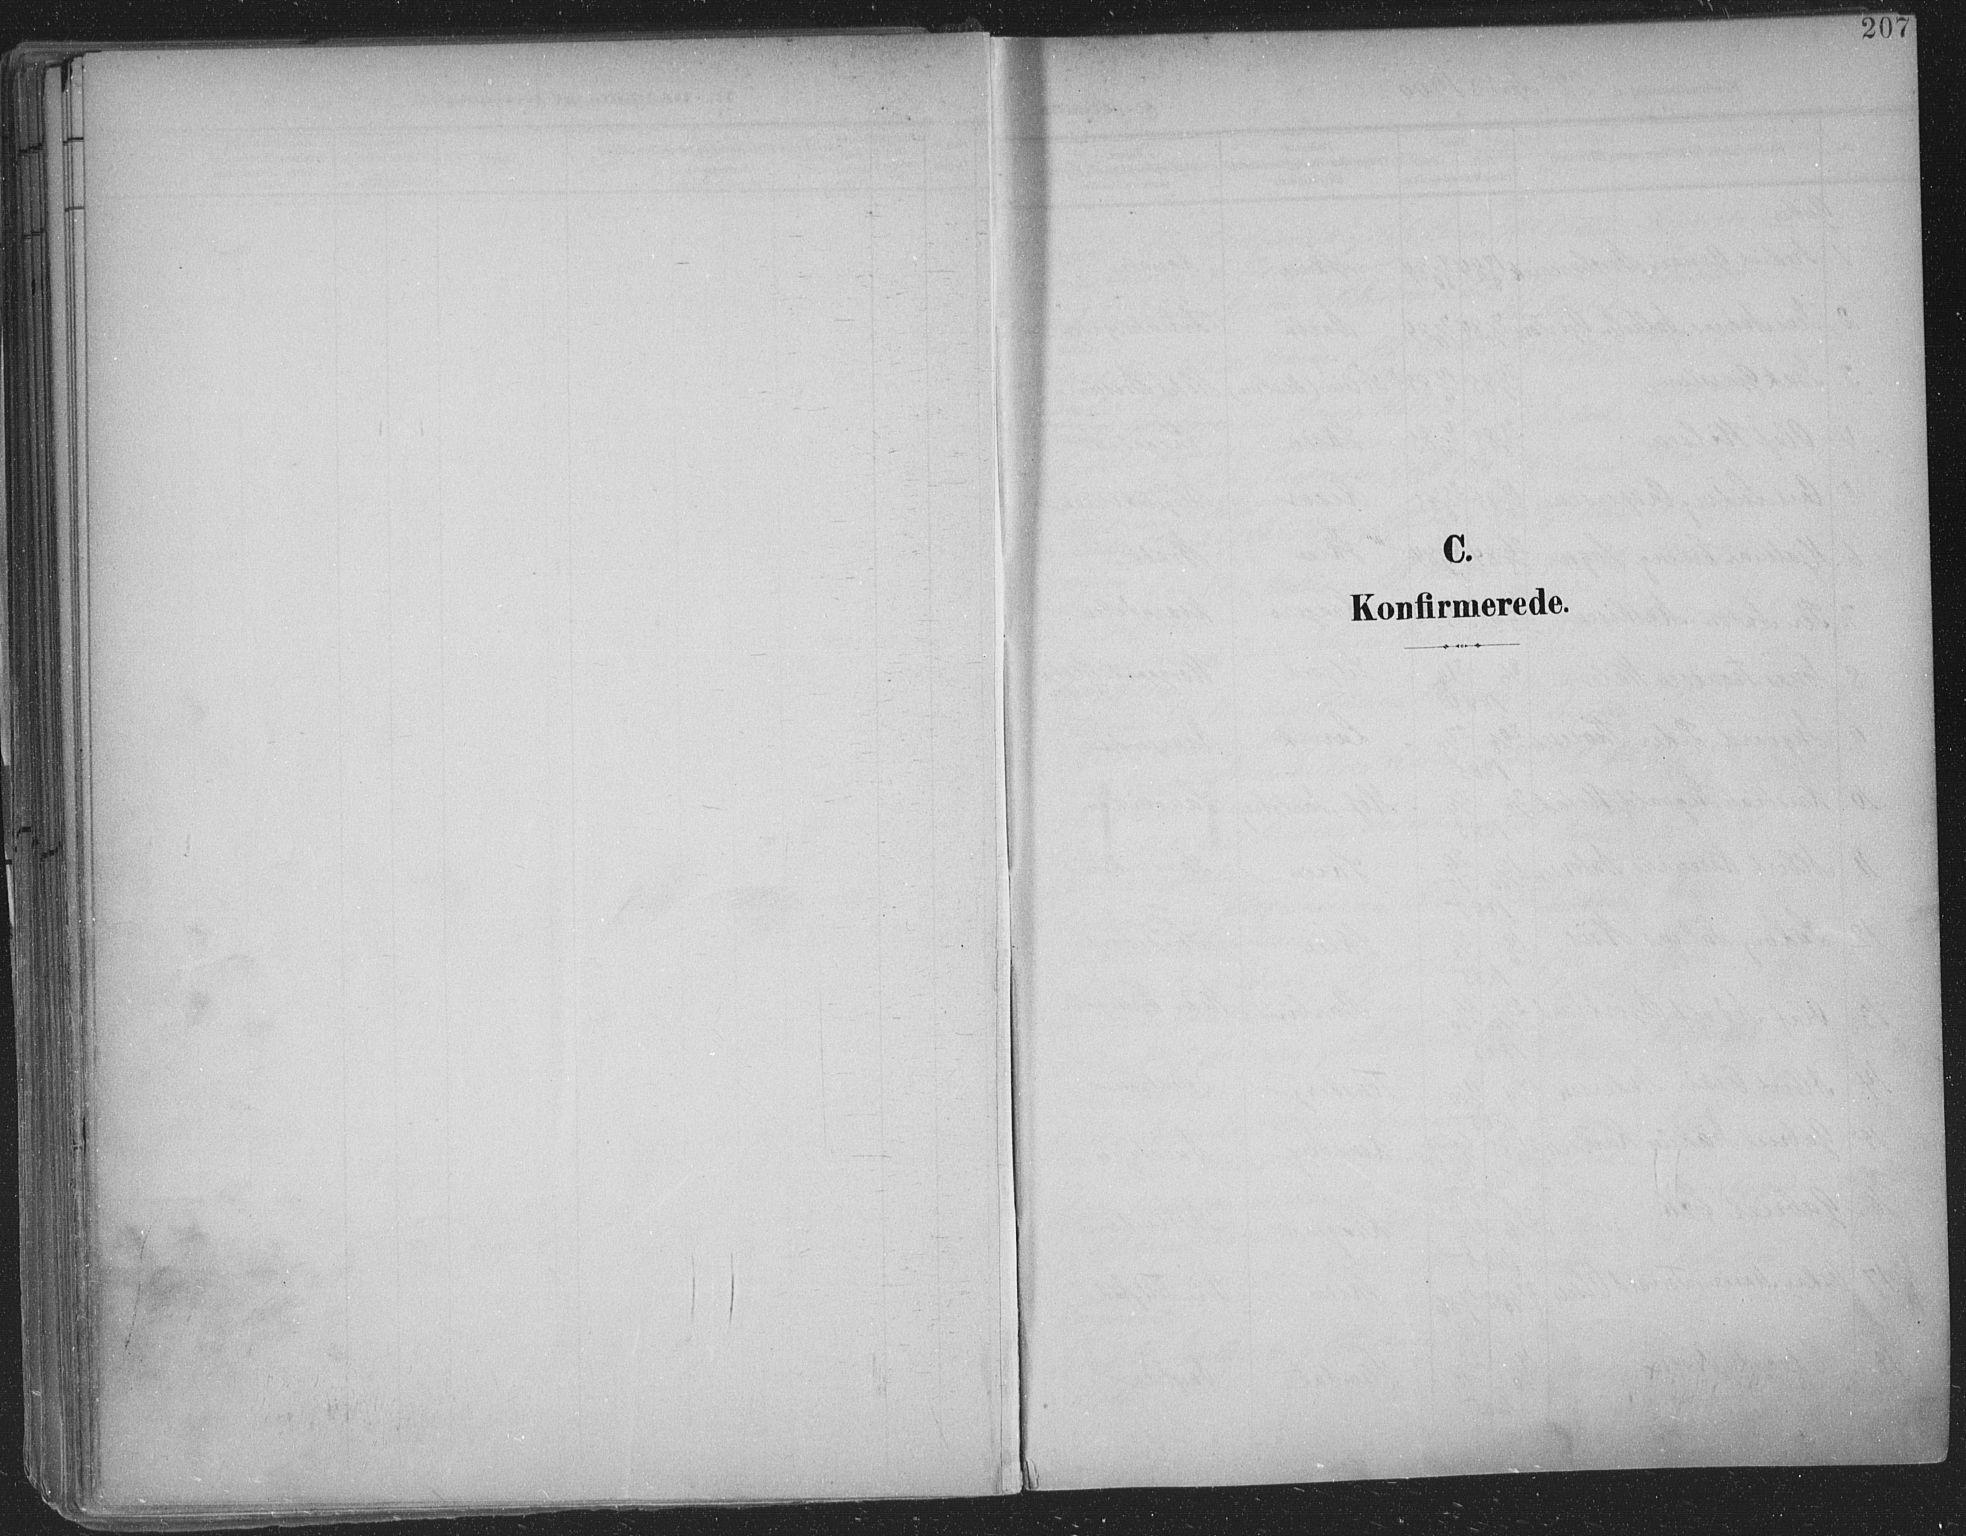 SAKO, Skien kirkebøker, F/Fa/L0011: Ministerialbok nr. 11, 1900-1907, s. 207